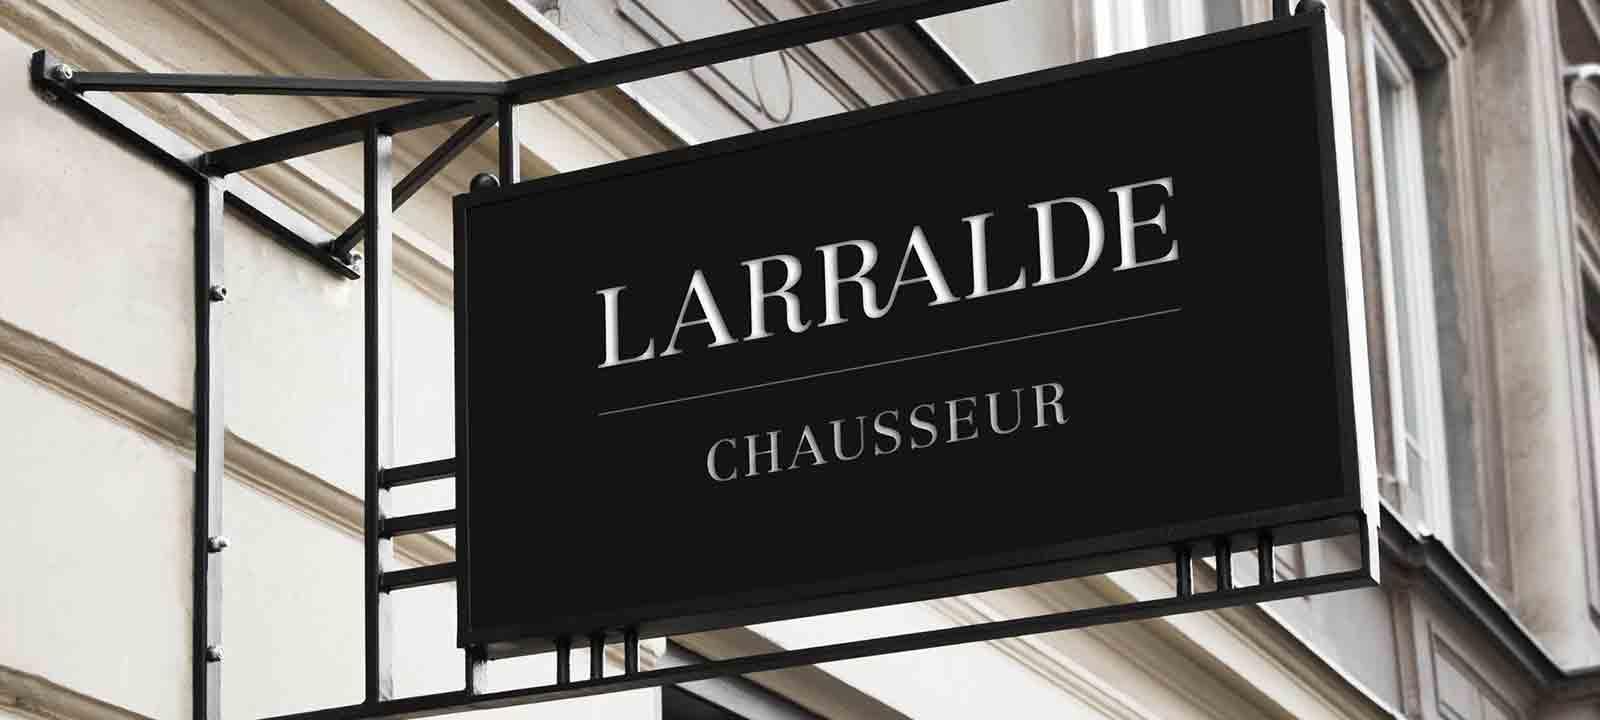 larralde_enseigne